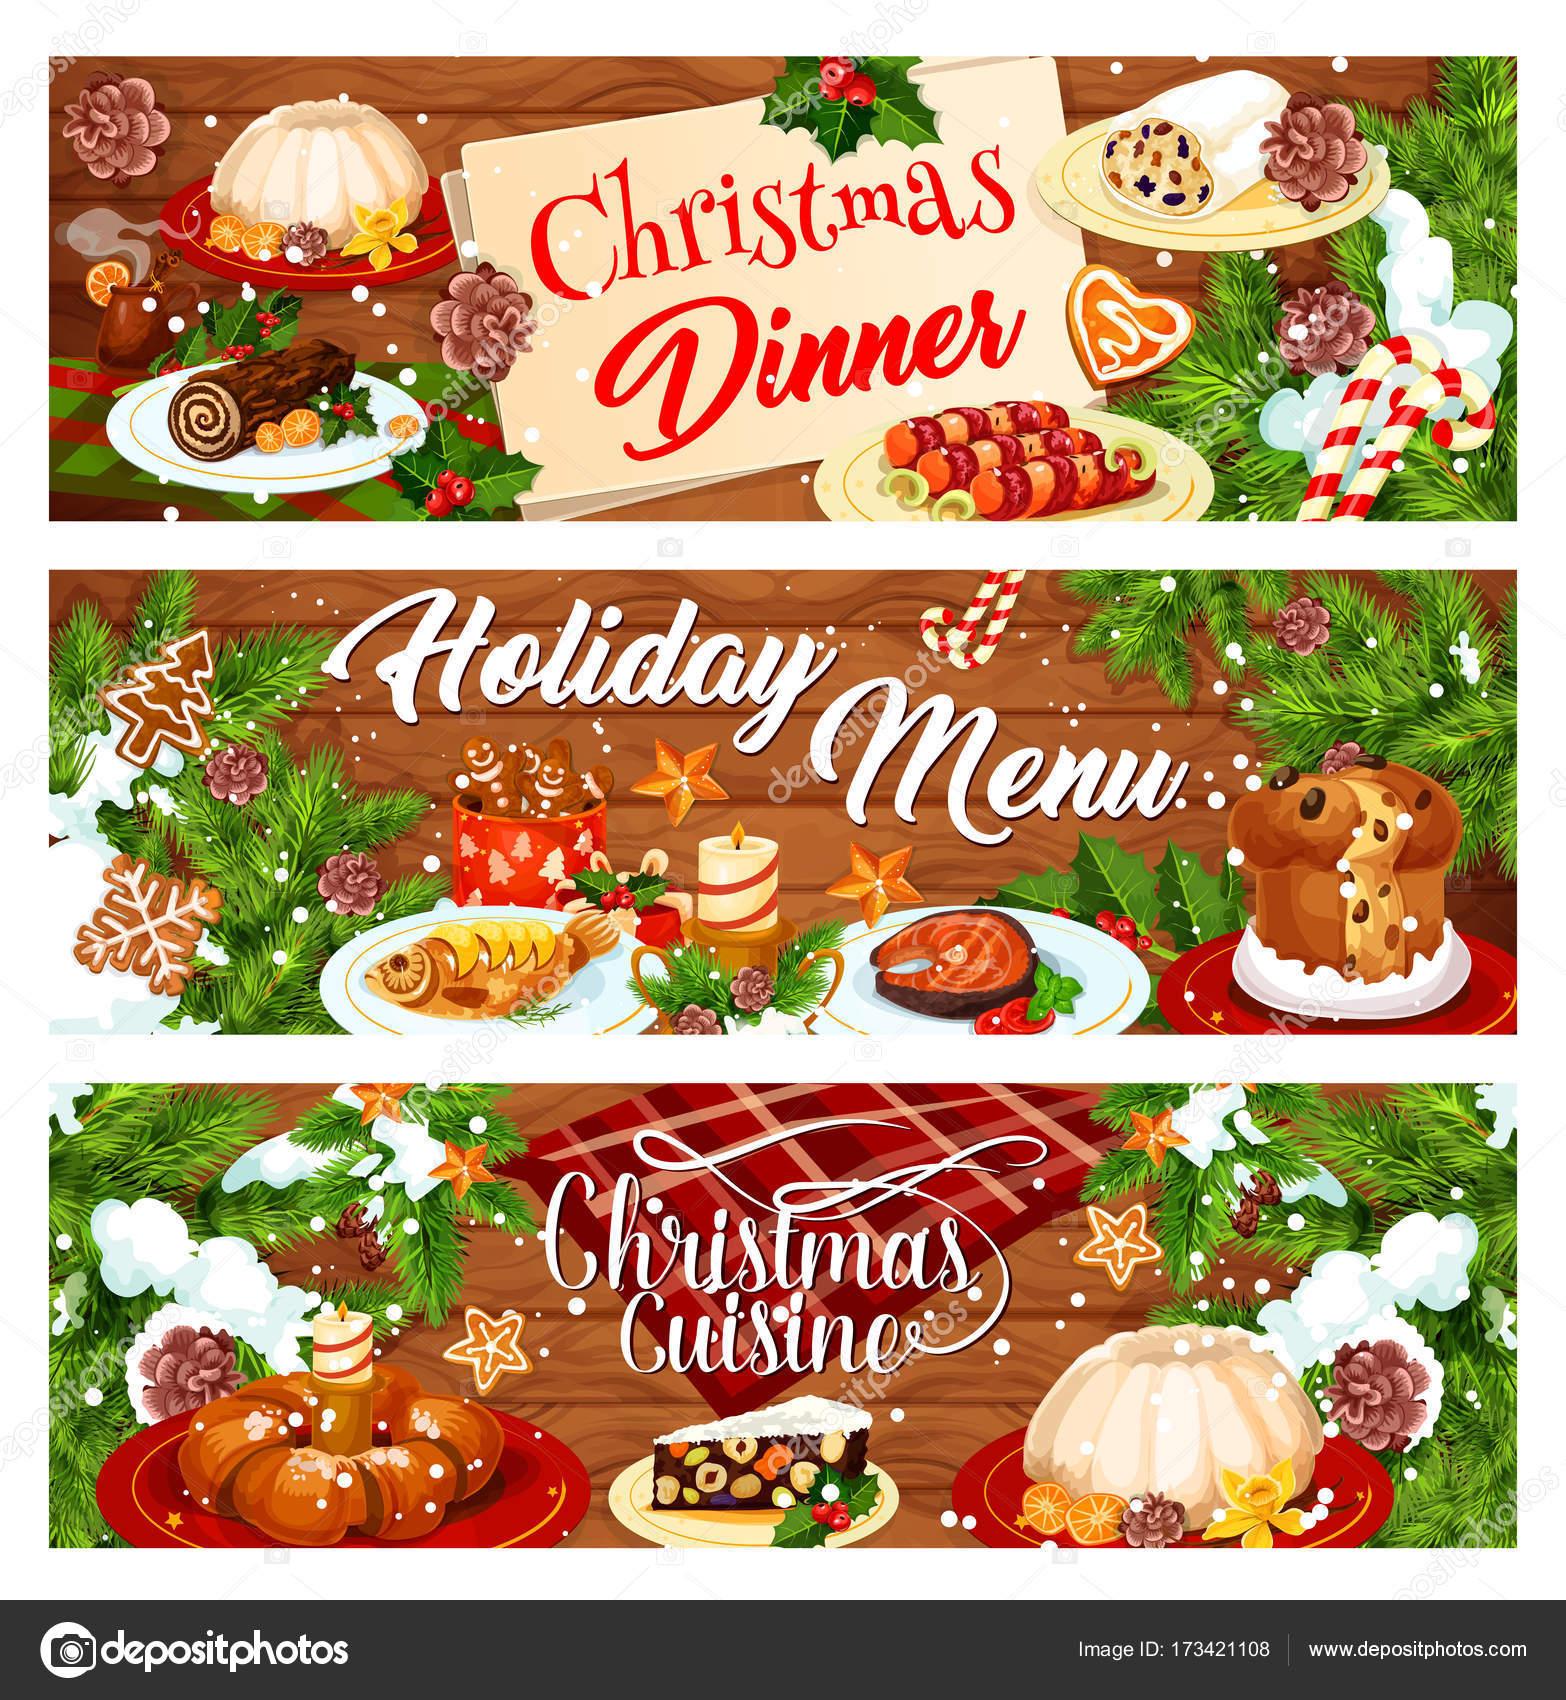 Menü Weihnachten.Weihnachts Menü Banner Mit Weihnachten Abendessen Stockvektor